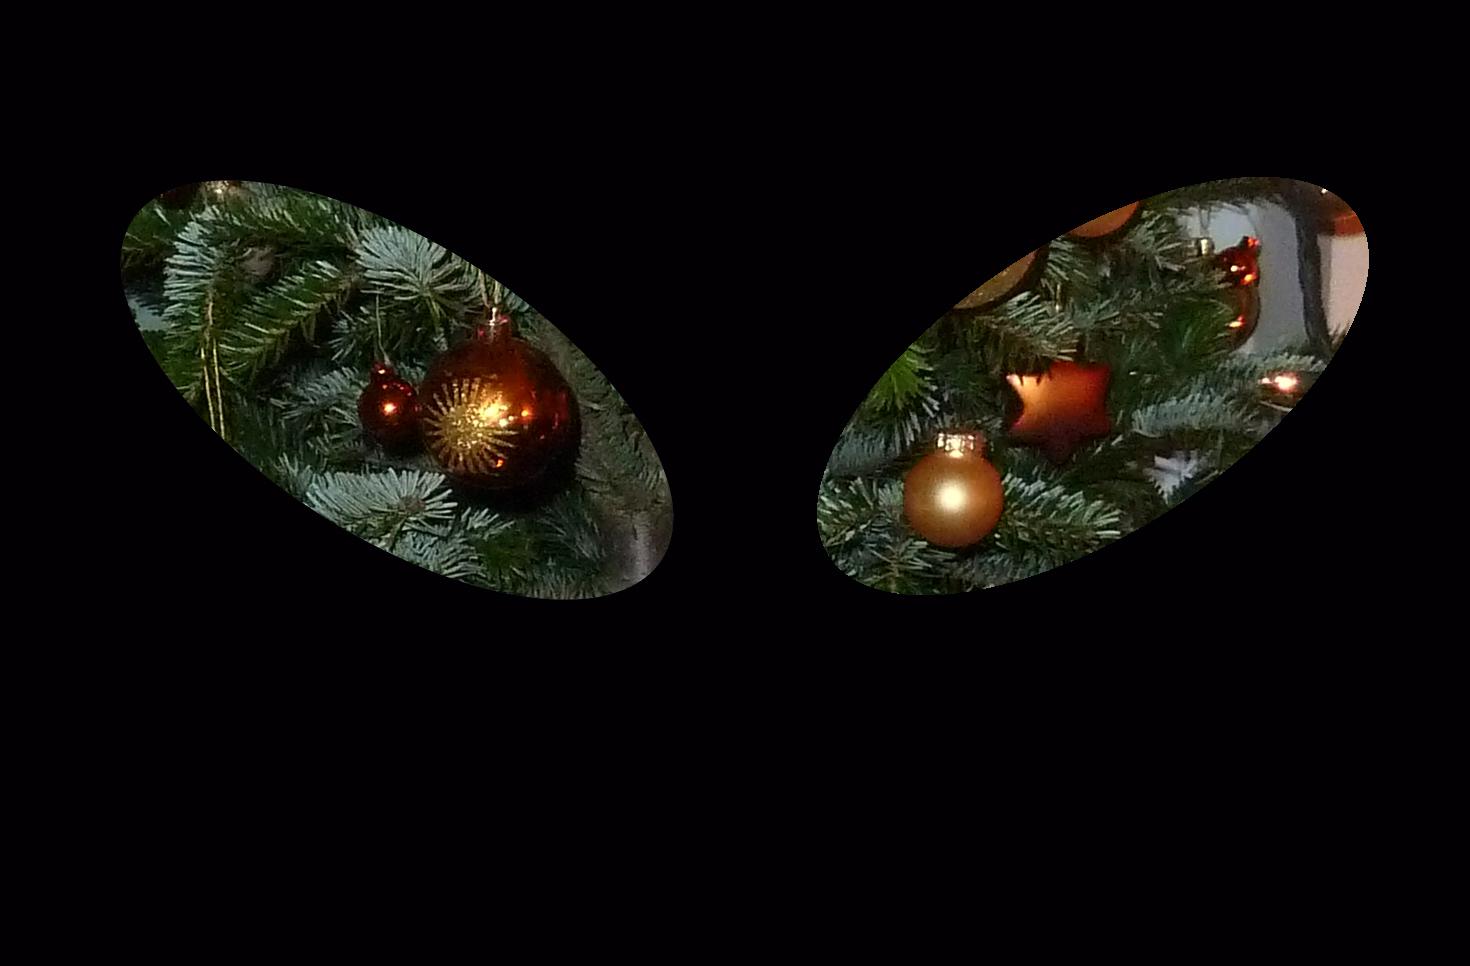 ez egy érdekes kép: fekete az egész, csak két kis macsakszem alakú nyílás látszik, benne egy fedíszített karácsonyfa: mintha egy cica a díszekre fókuszálna